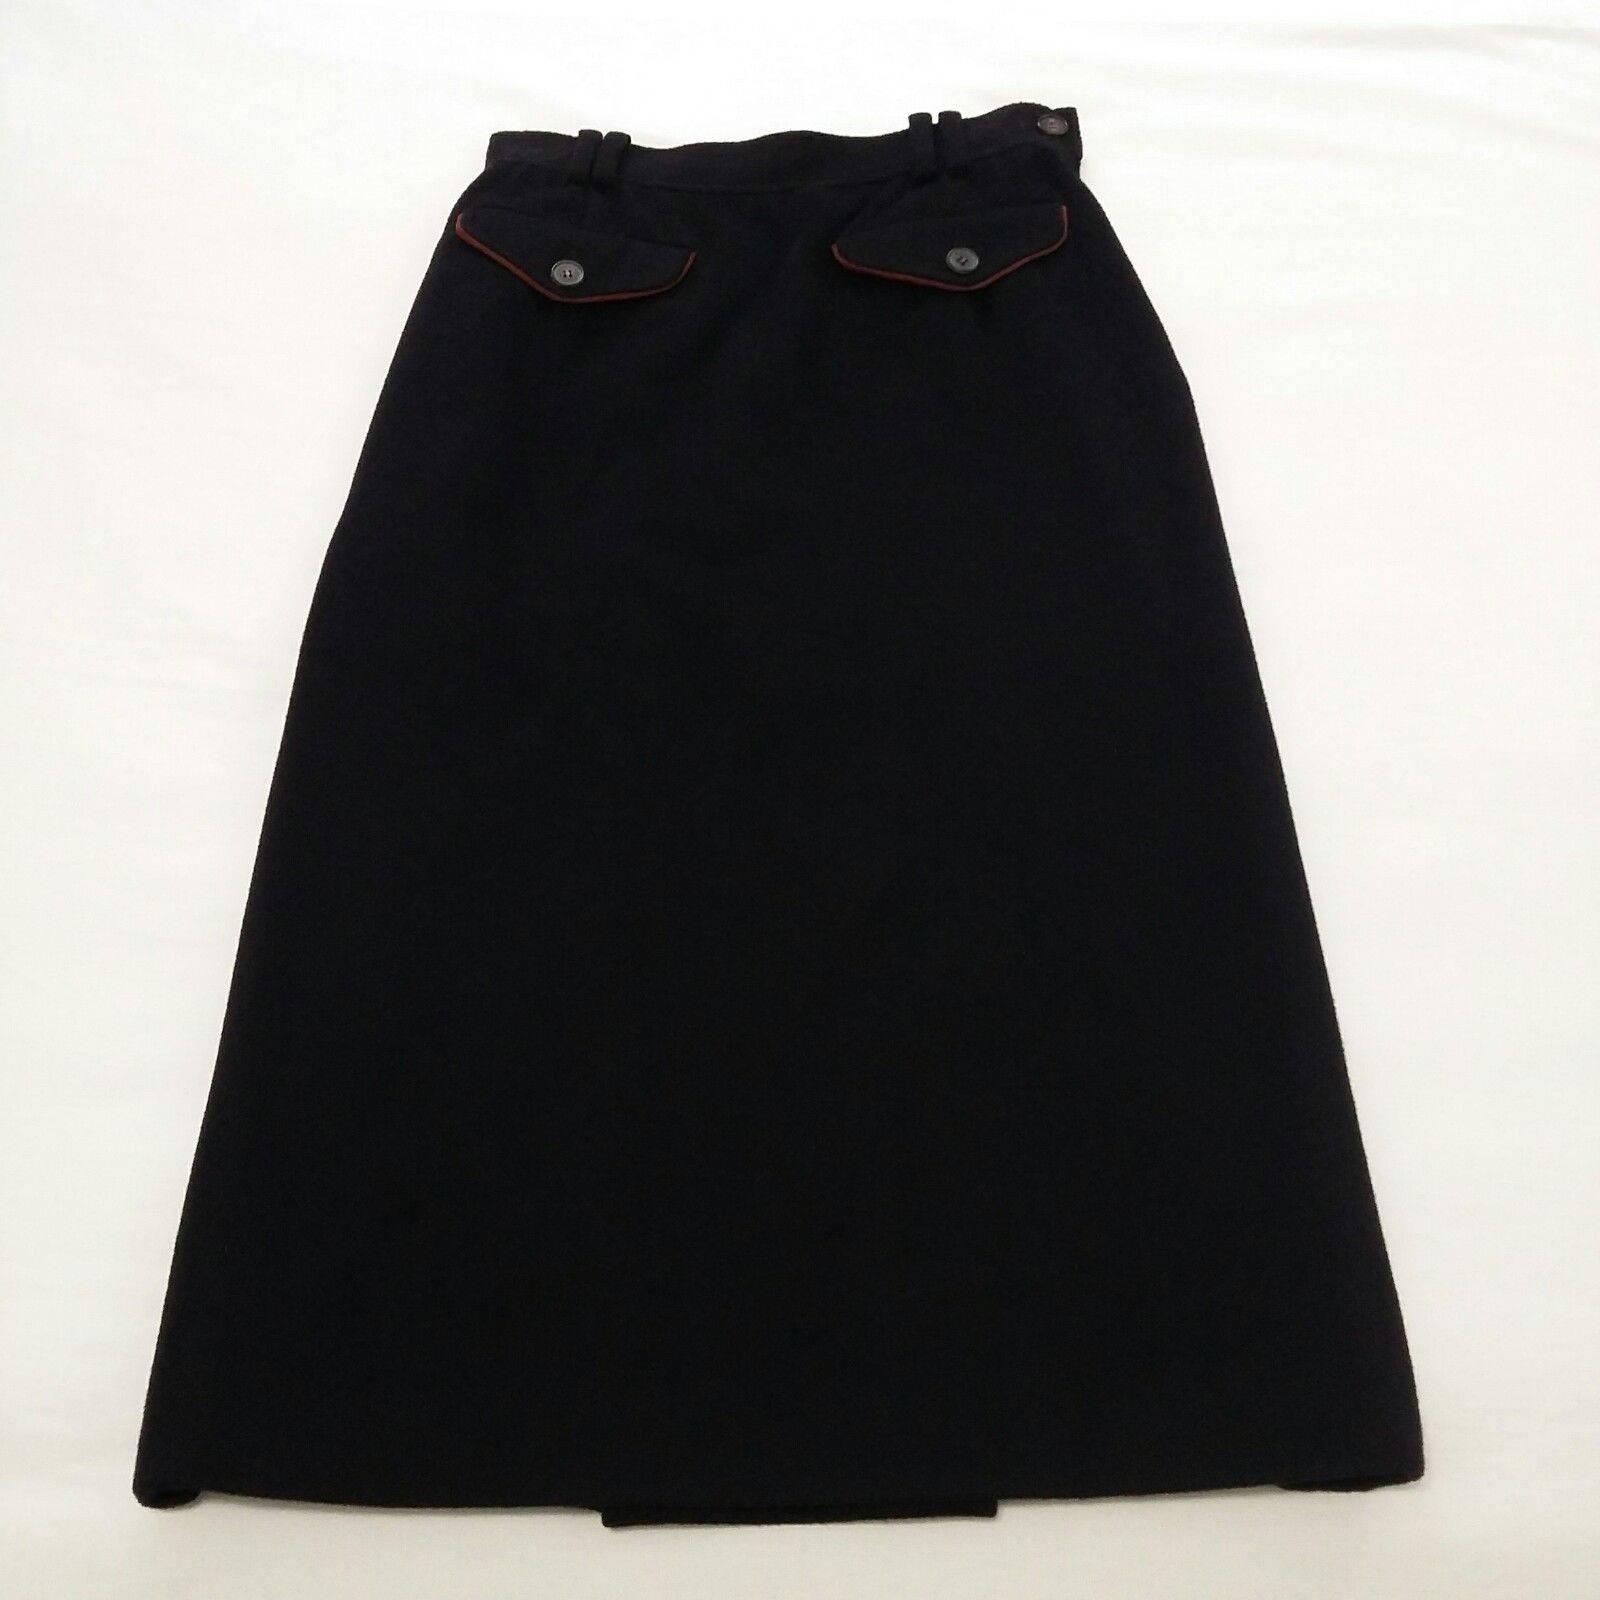 fb701de52 Vintage Gucci Cashmere Skirt Black sz S 44 Designer Skirt Made   Etsy